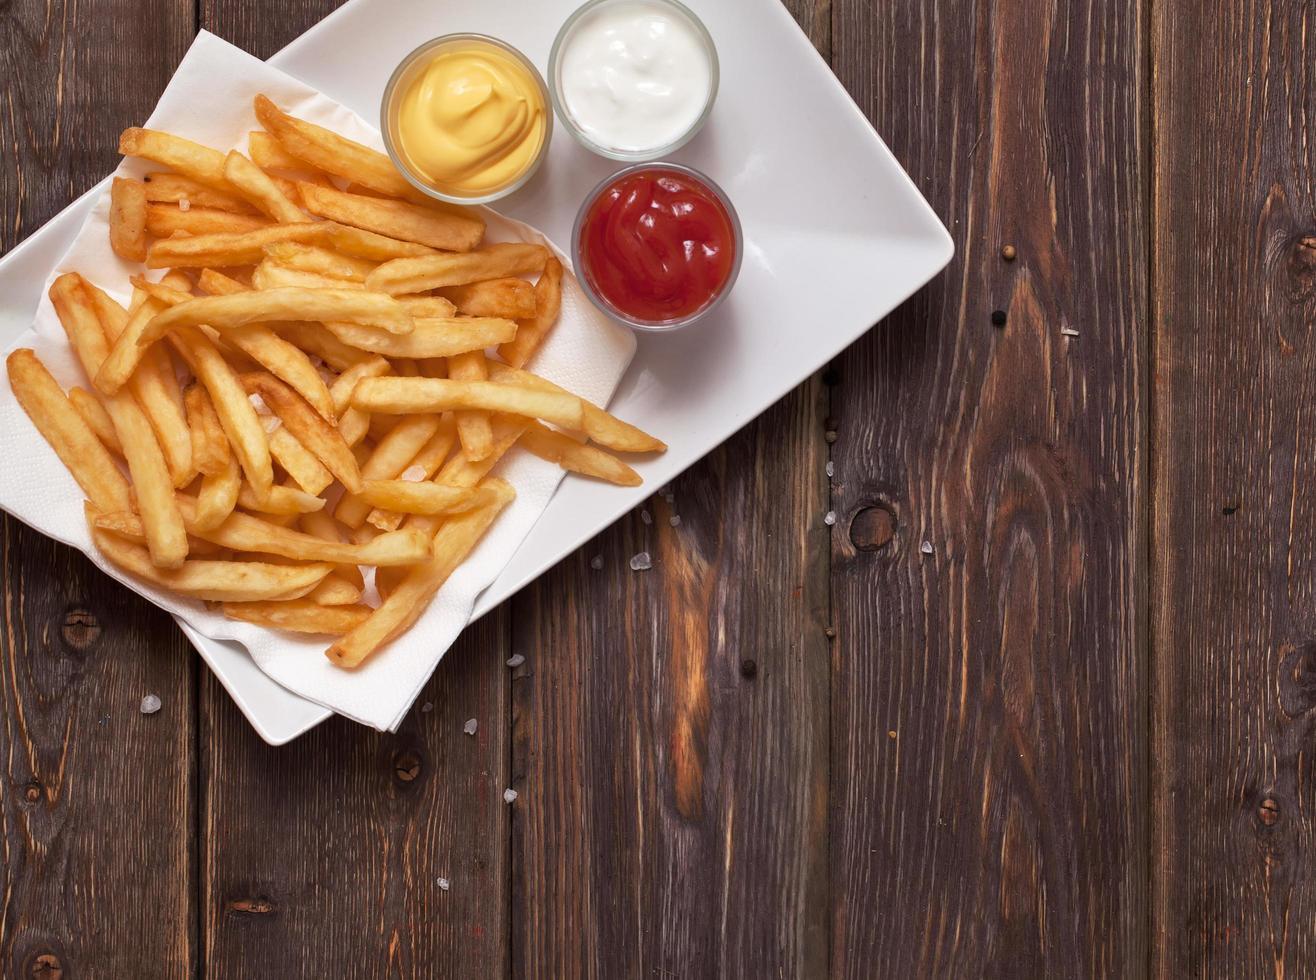 papas fritas en la mesa de madera foto